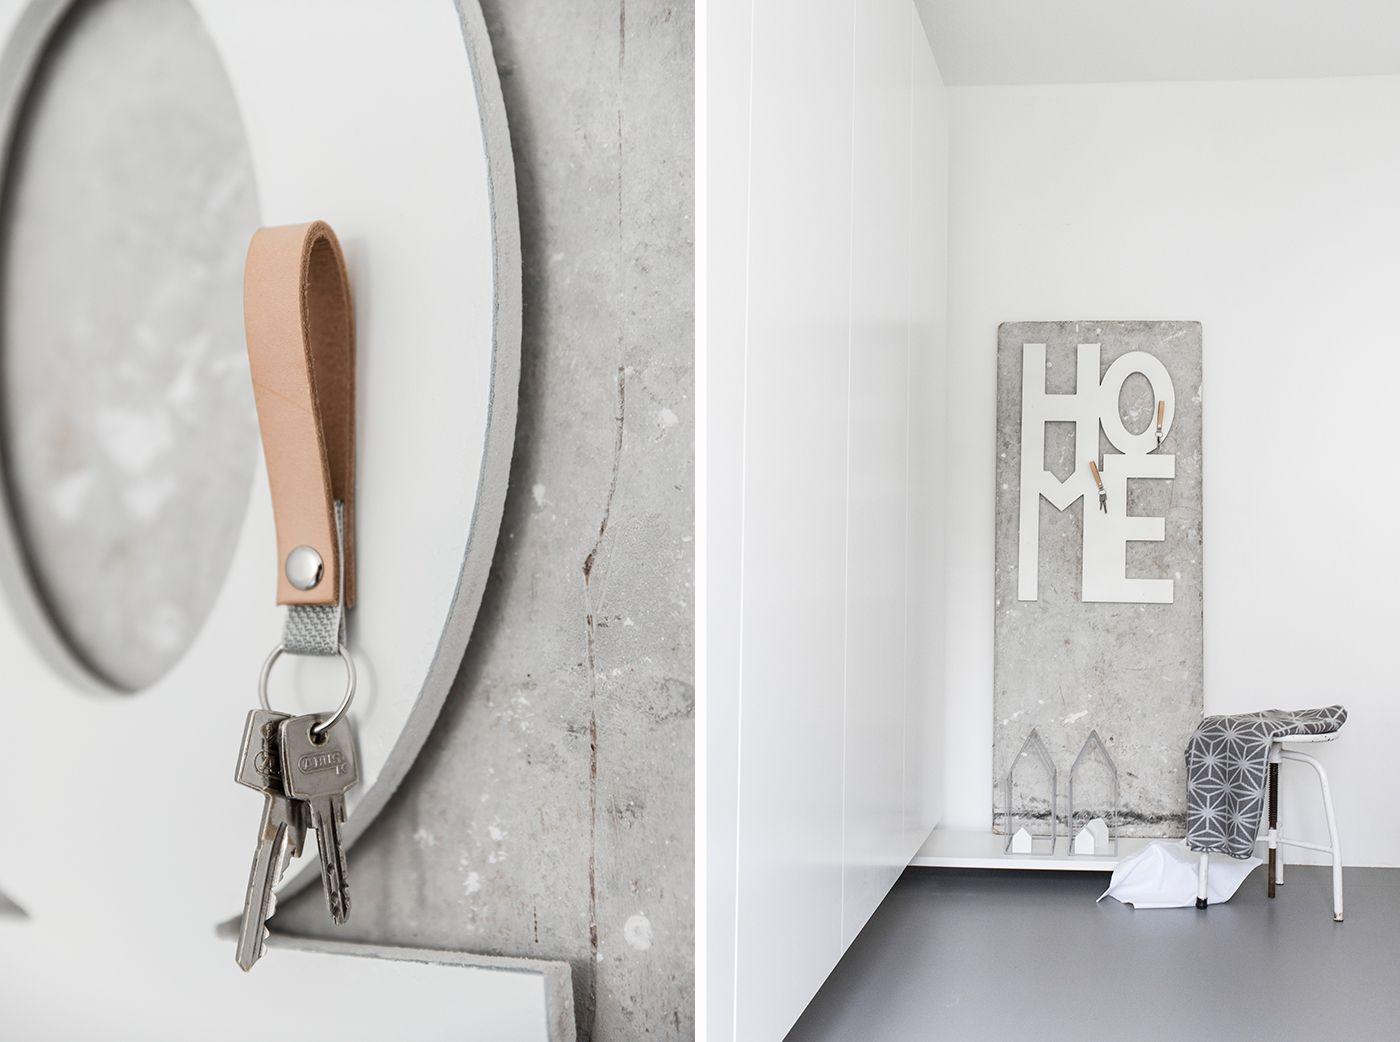 schlüsselbrett selber machen. | craft ideas | pinterest